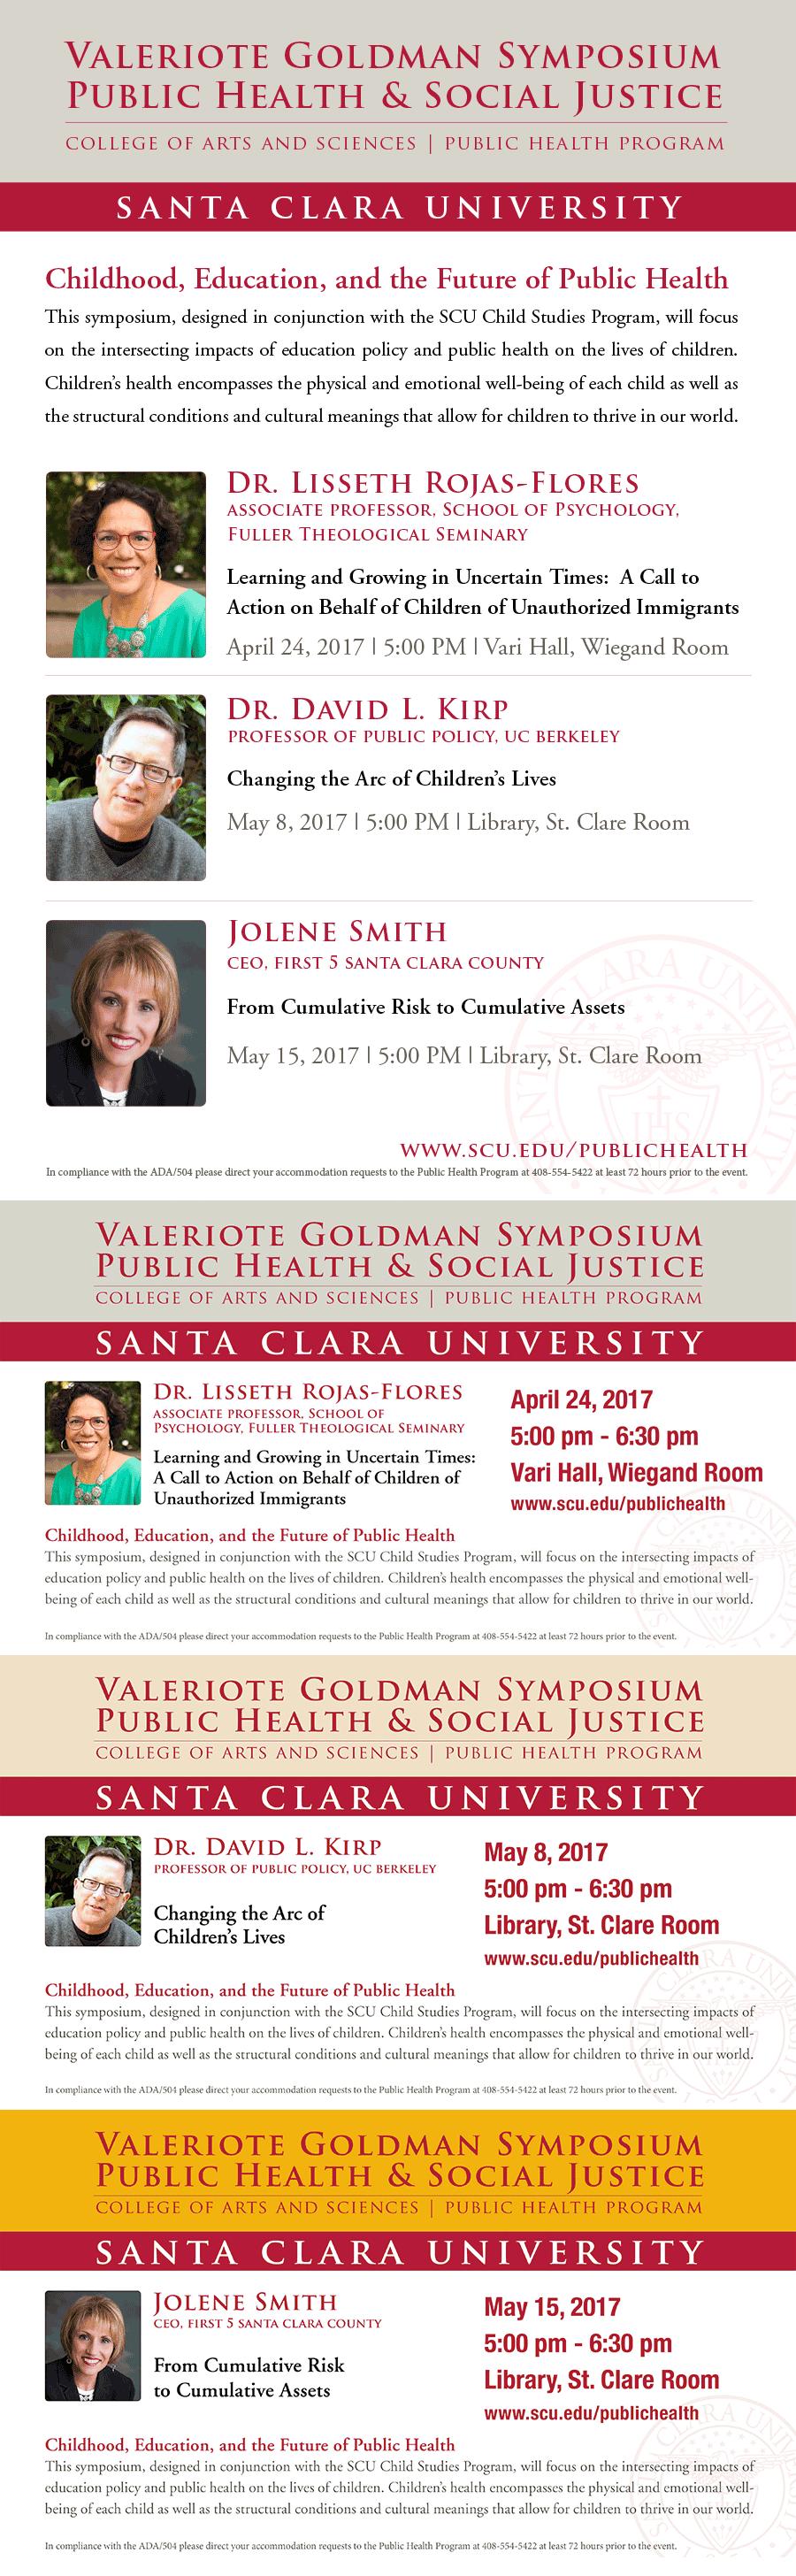 Valeriote Goldman Symposium Public Health & Social Justice